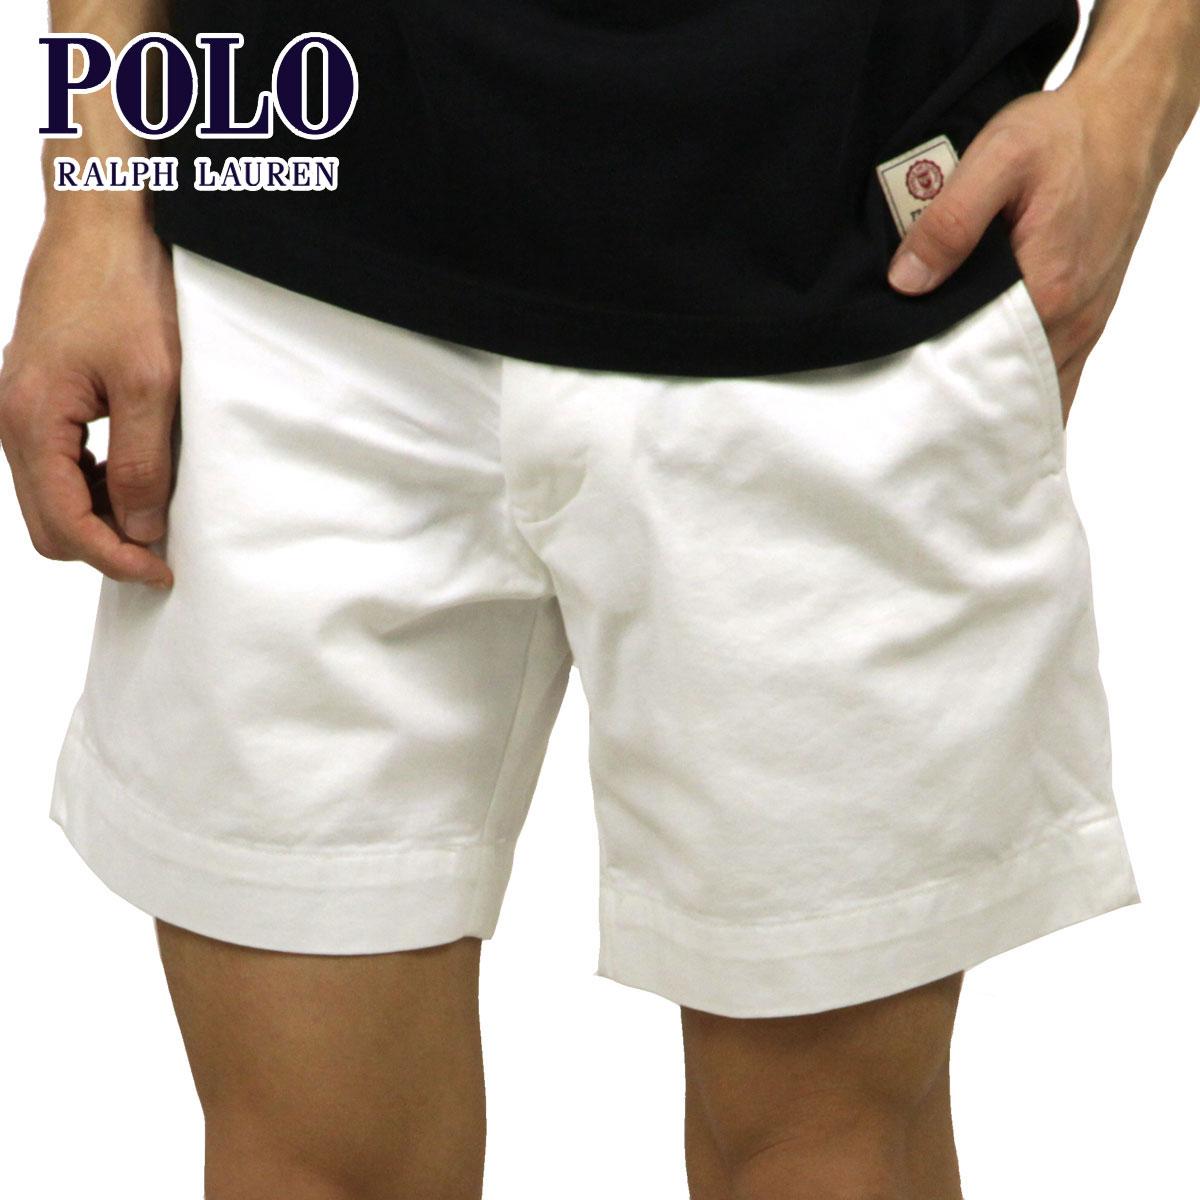 ポロ ラルフローレン POLO RALPH LAUREN 正規品 メンズ ショートパンツ CLASSIC FIT 6 CHINO SHORTS D00S15